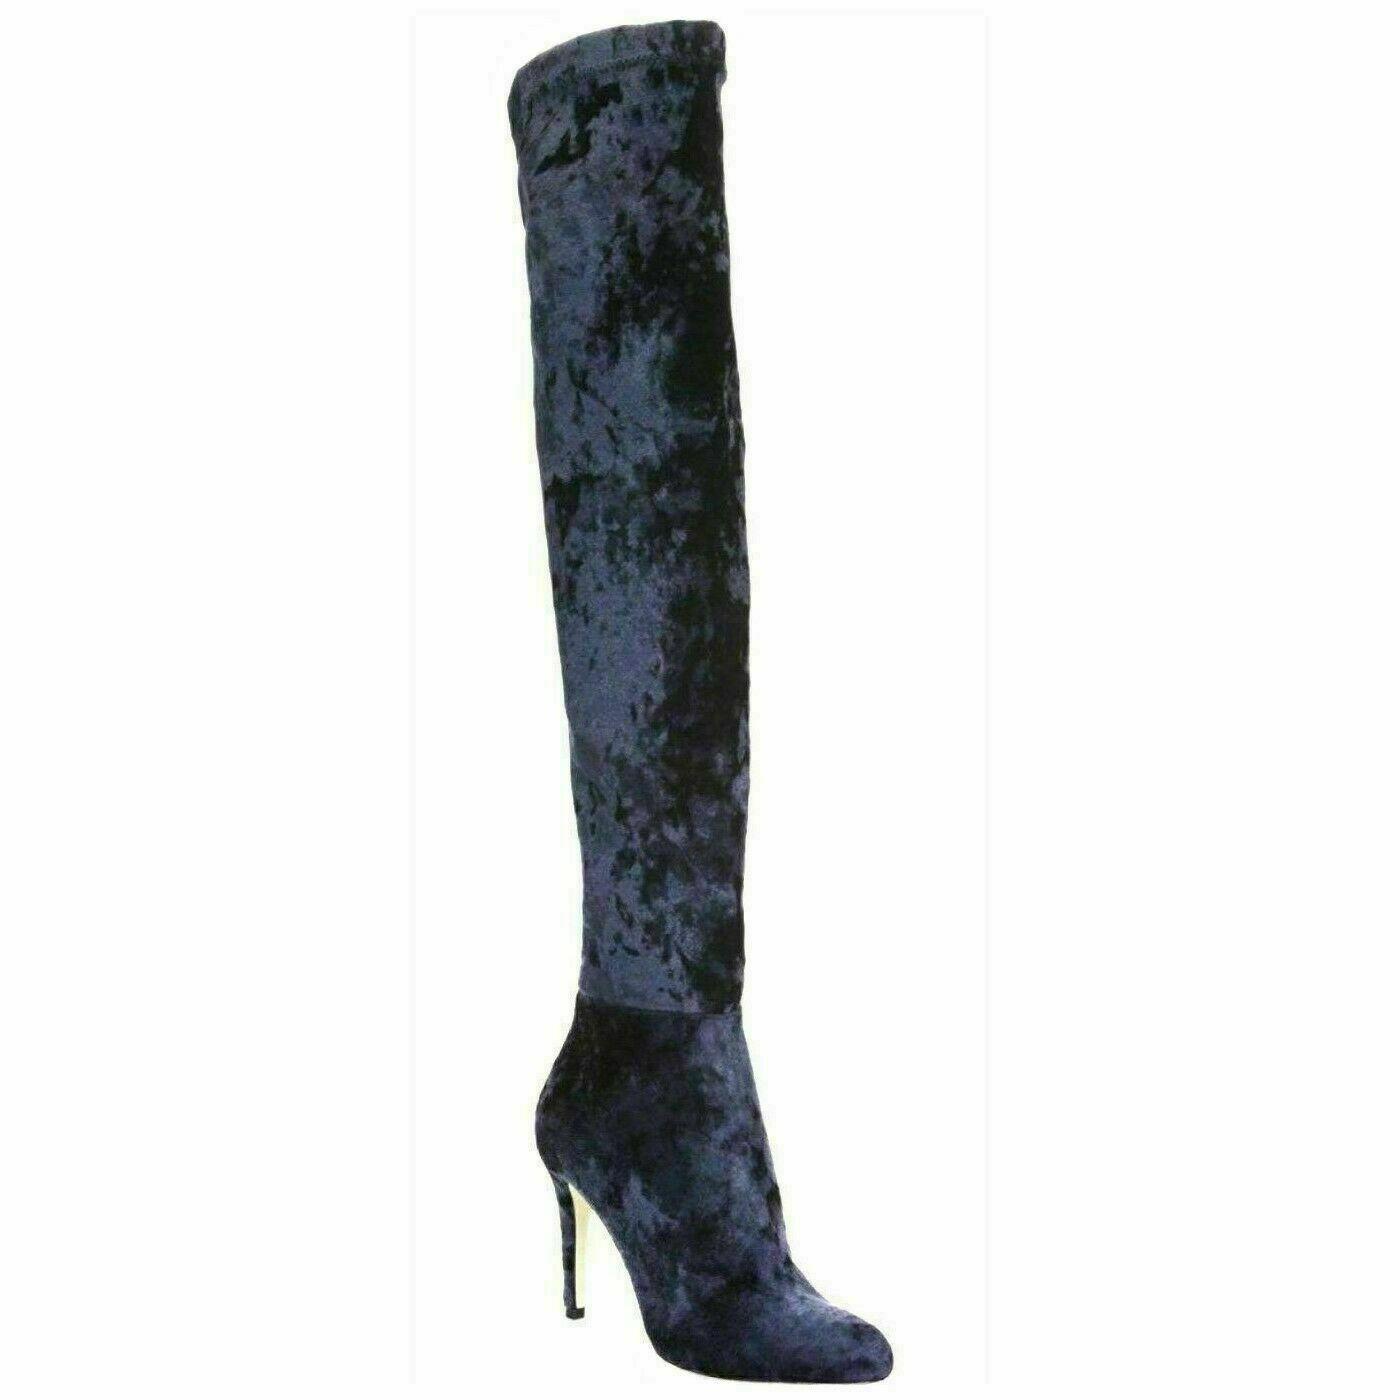 Jimmy Choo Women Over The Knee Sock Boots Size EU 38.5 US 8.5 Blue Velvet $1695 - $478.62